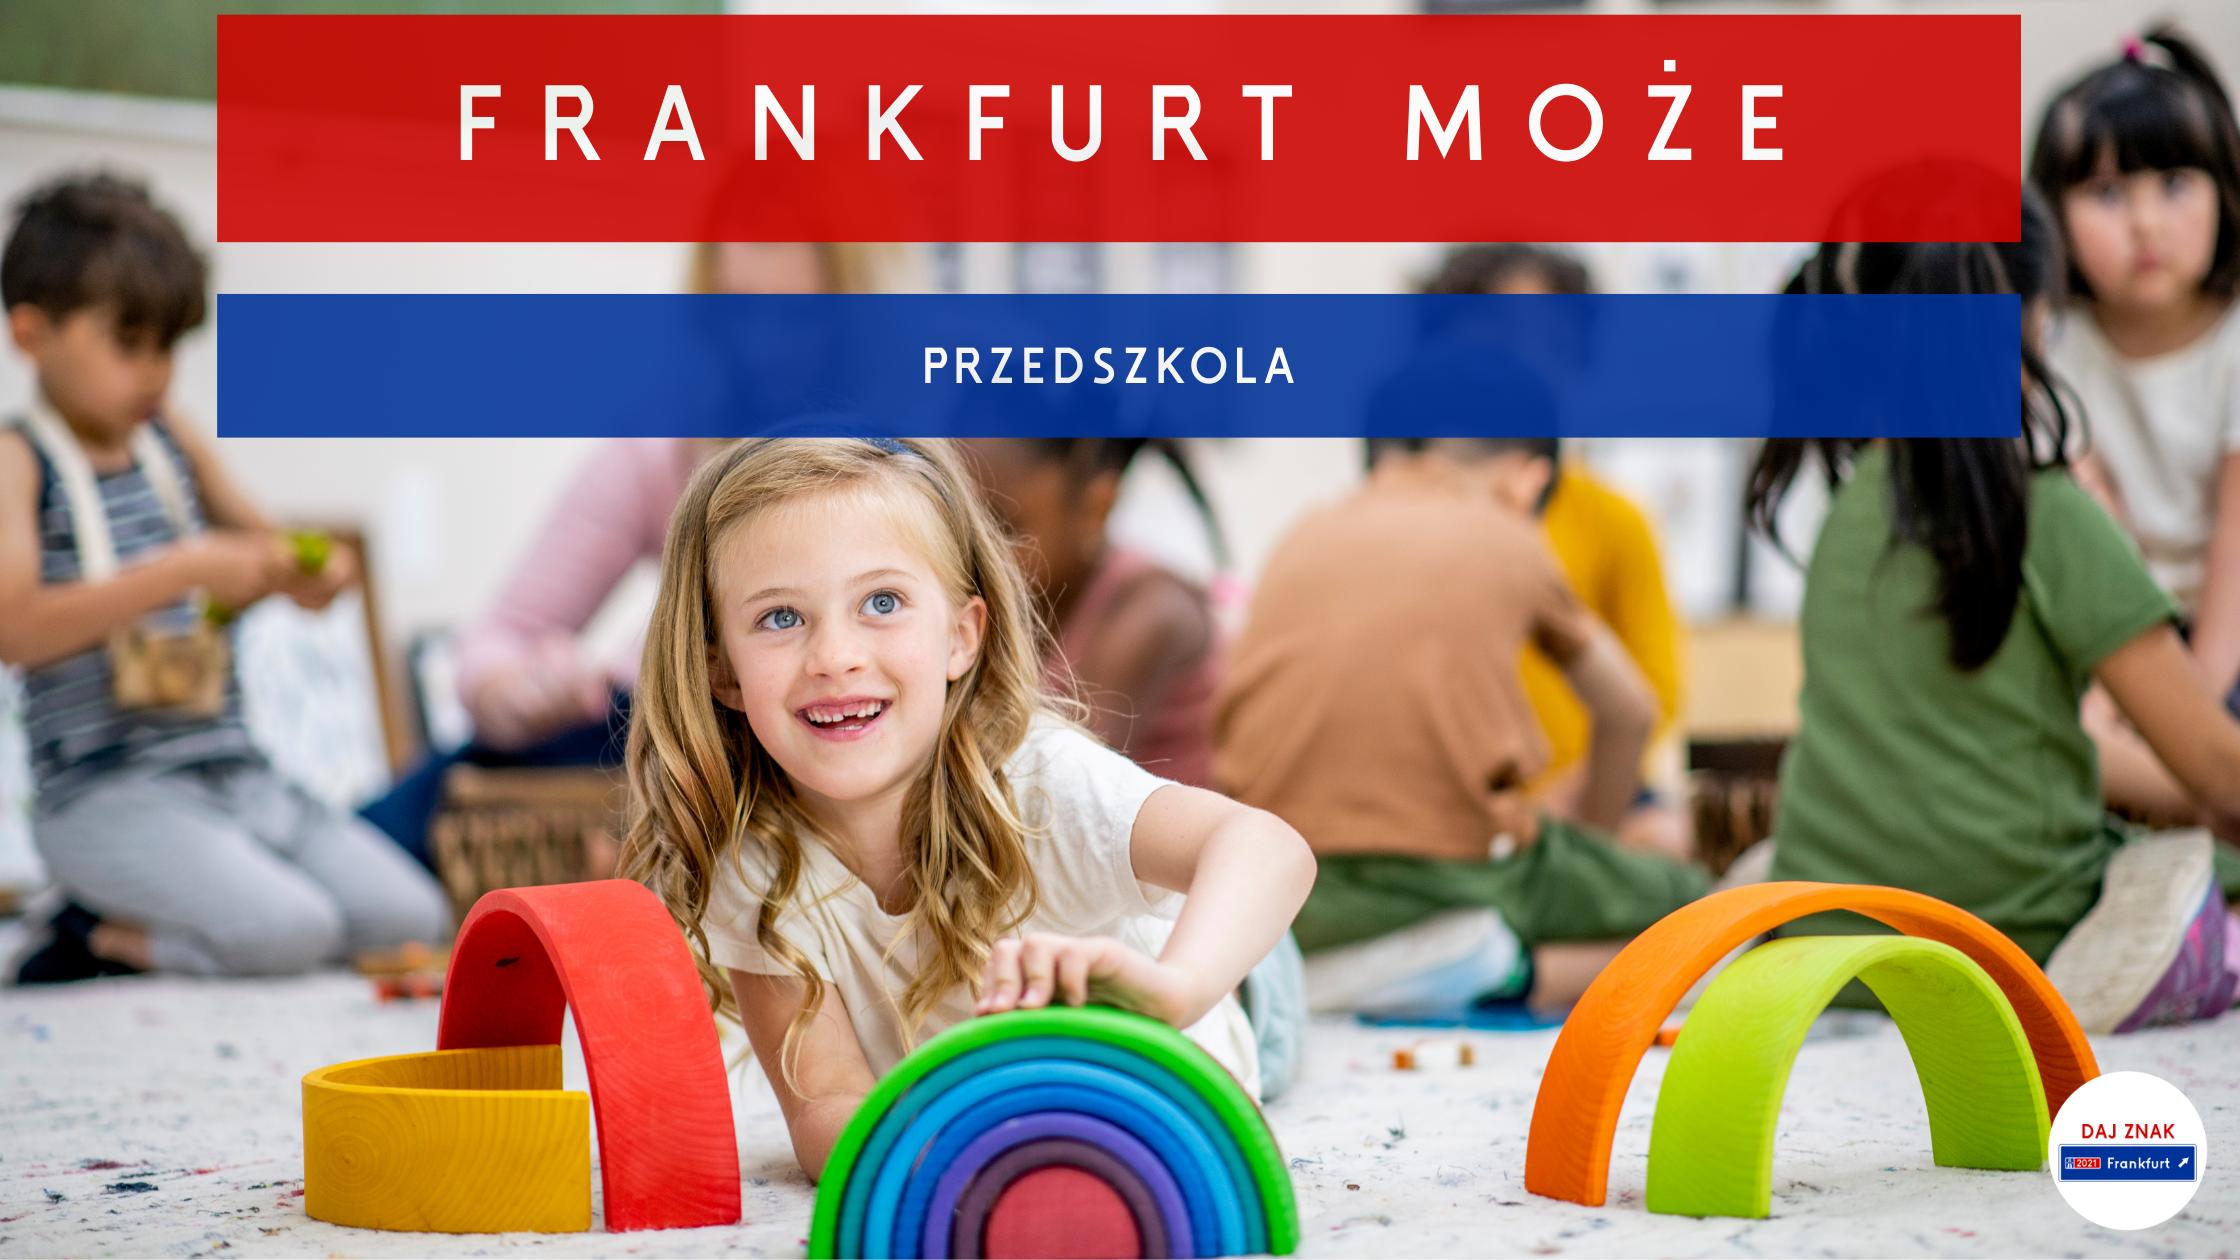 Frankfurt moze_przedszkola